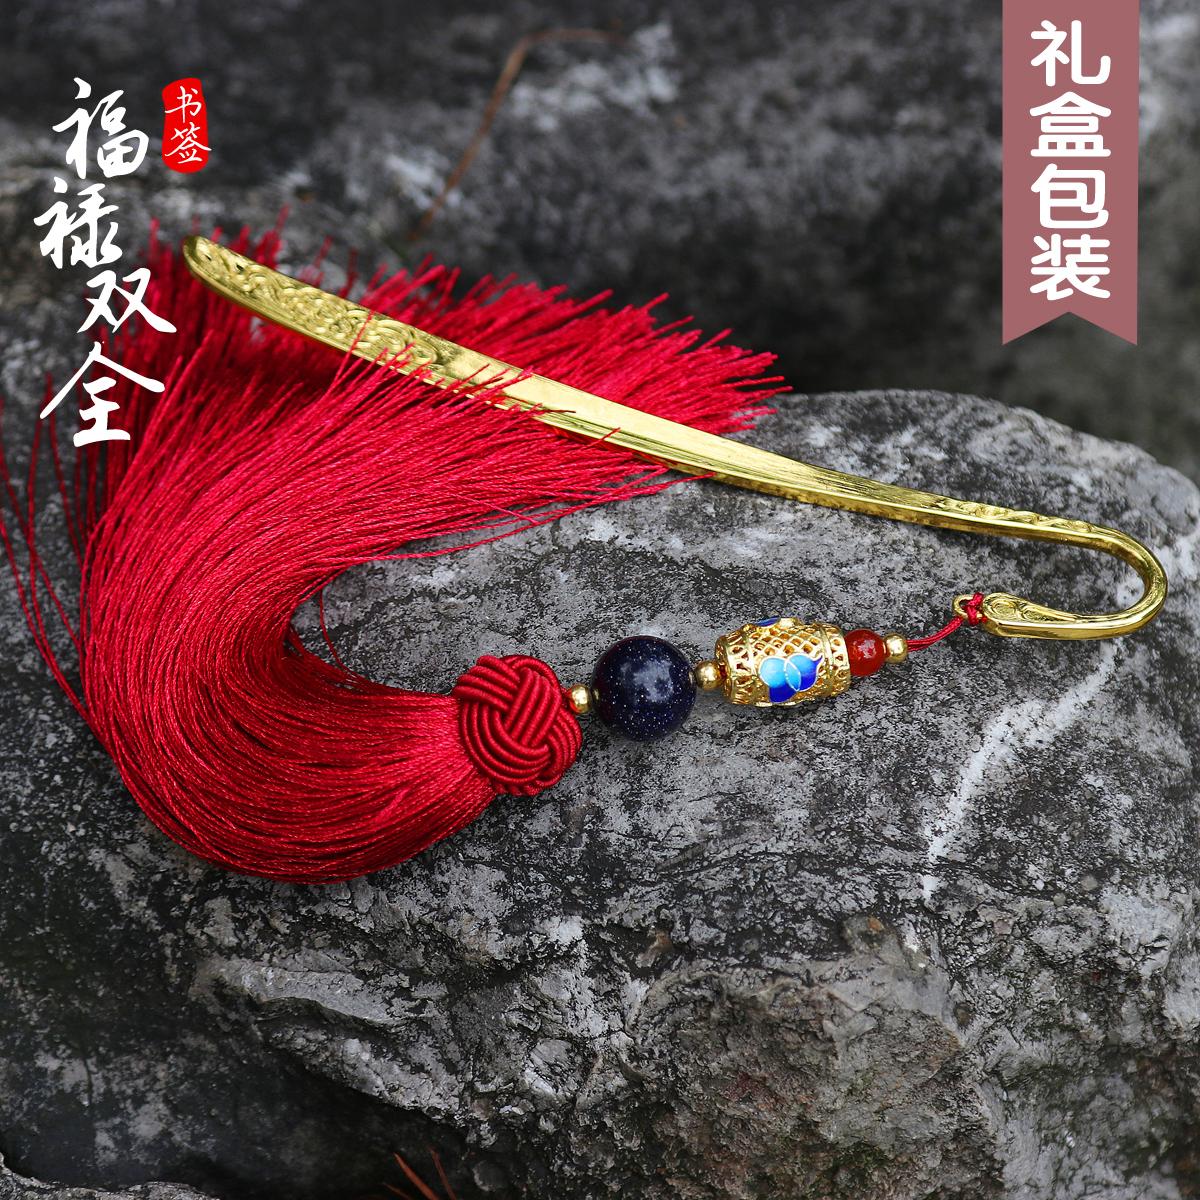 古典中国风金属流苏书签创意生日新年礼物古风商务礼品可定制刻字